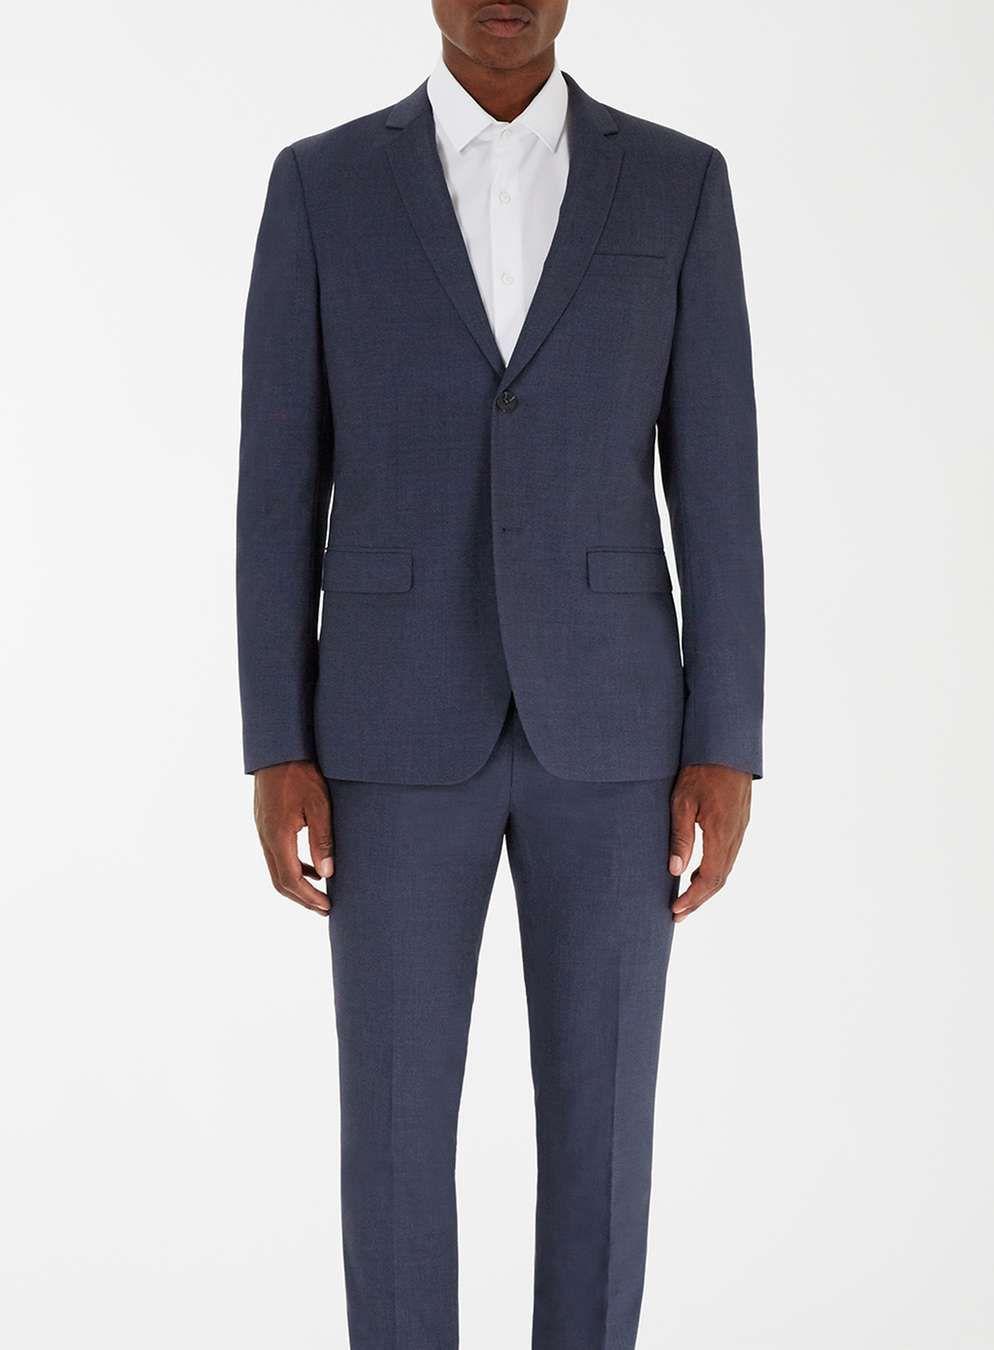 Blended Blue Skinny Fit Suit - Men\'s Suits - Clothing - TOPMAN | M&T ...